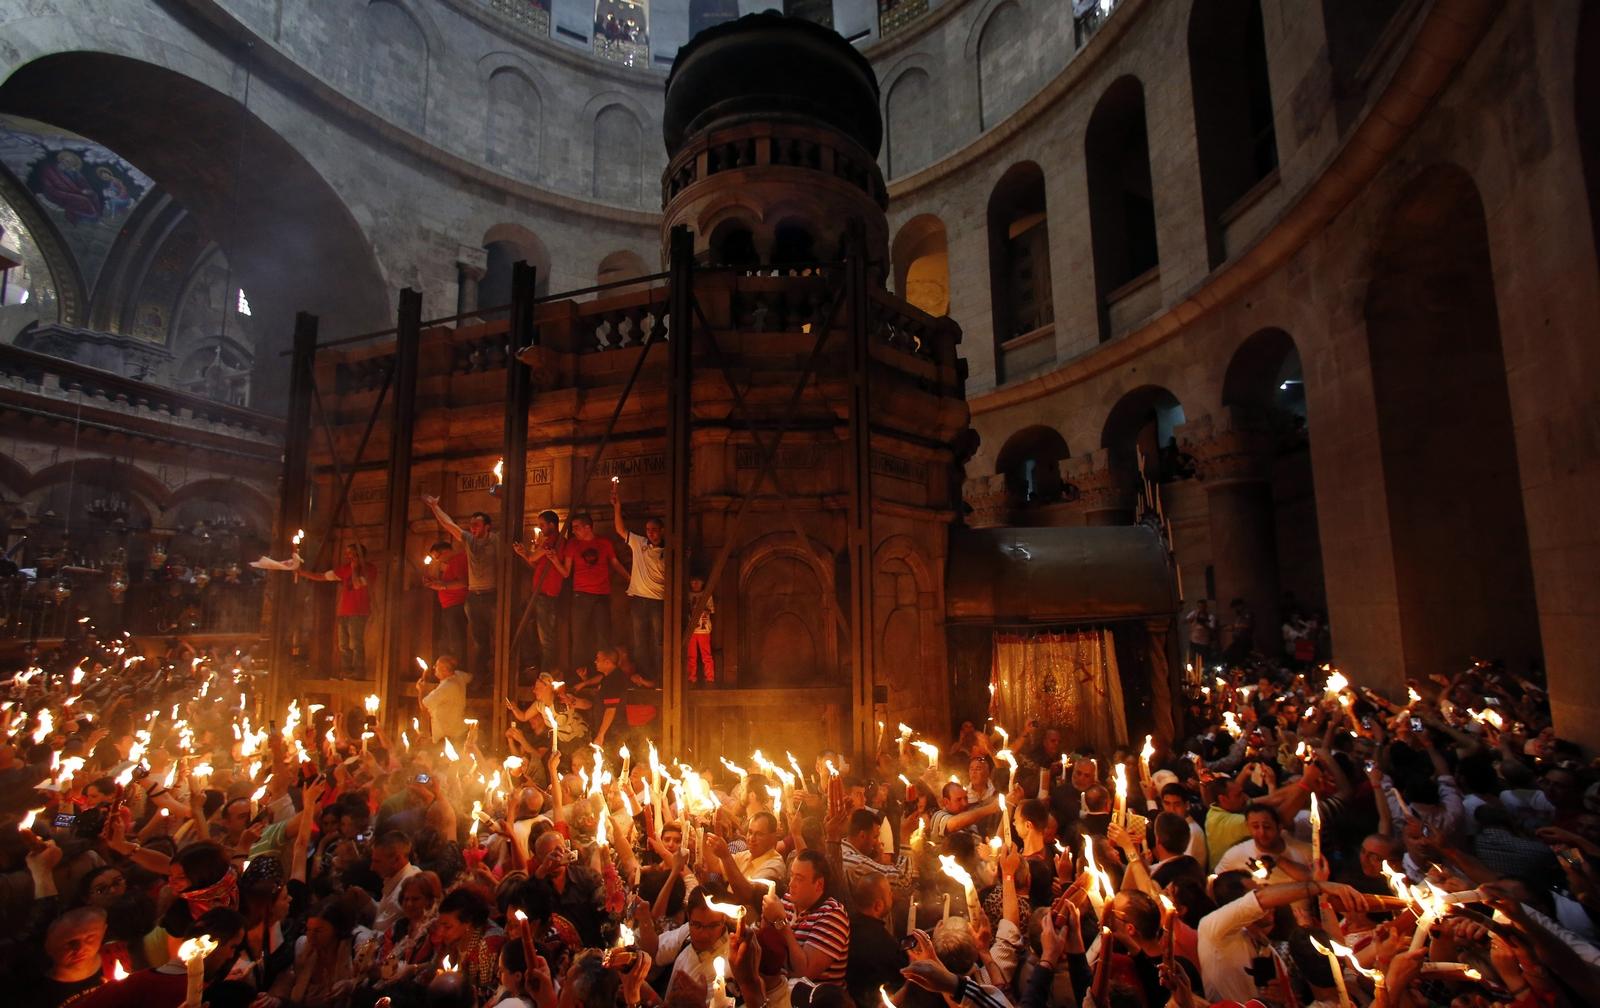 El Increíble Fuego Santo que se Enciende Espontáneamente en Pascua